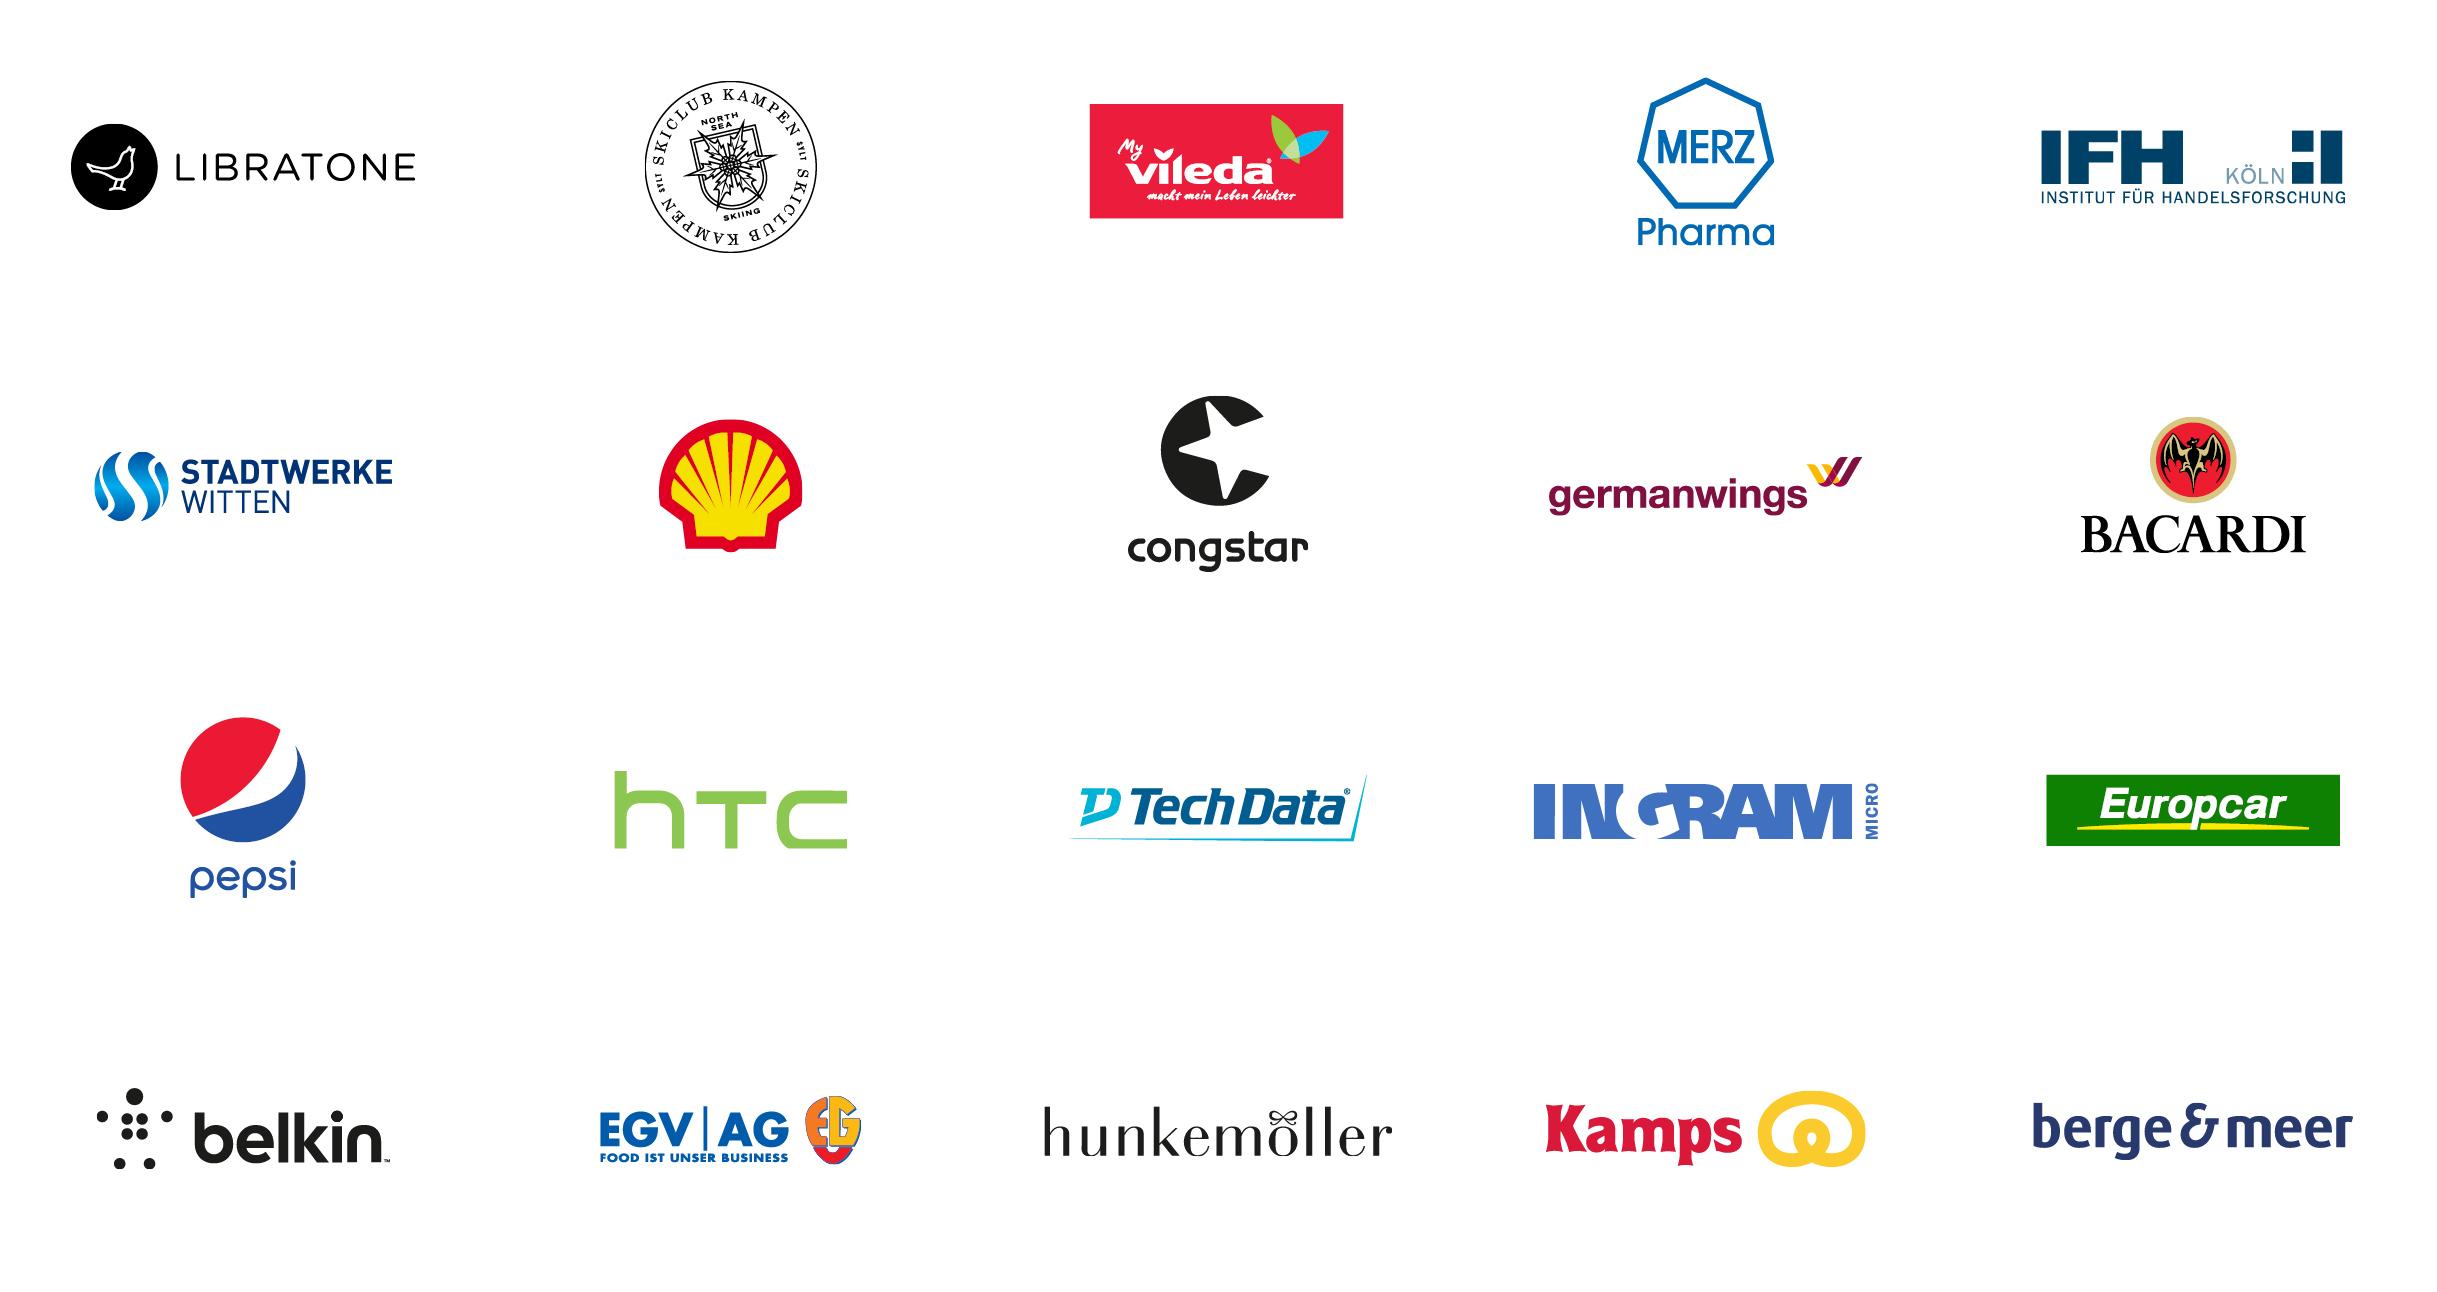 Libratone, Skiclub Kampen, Vileda, Merz Pharma, IFH Köln, Stadtwerke Witten, Shell, Congstar, Germanwings, Bacardi, Pepsi, HTC, TechData, Ingram Micro, Europcar, Belkin, EGV Unna, Hunkemöller, Kamps, Berge & Meer